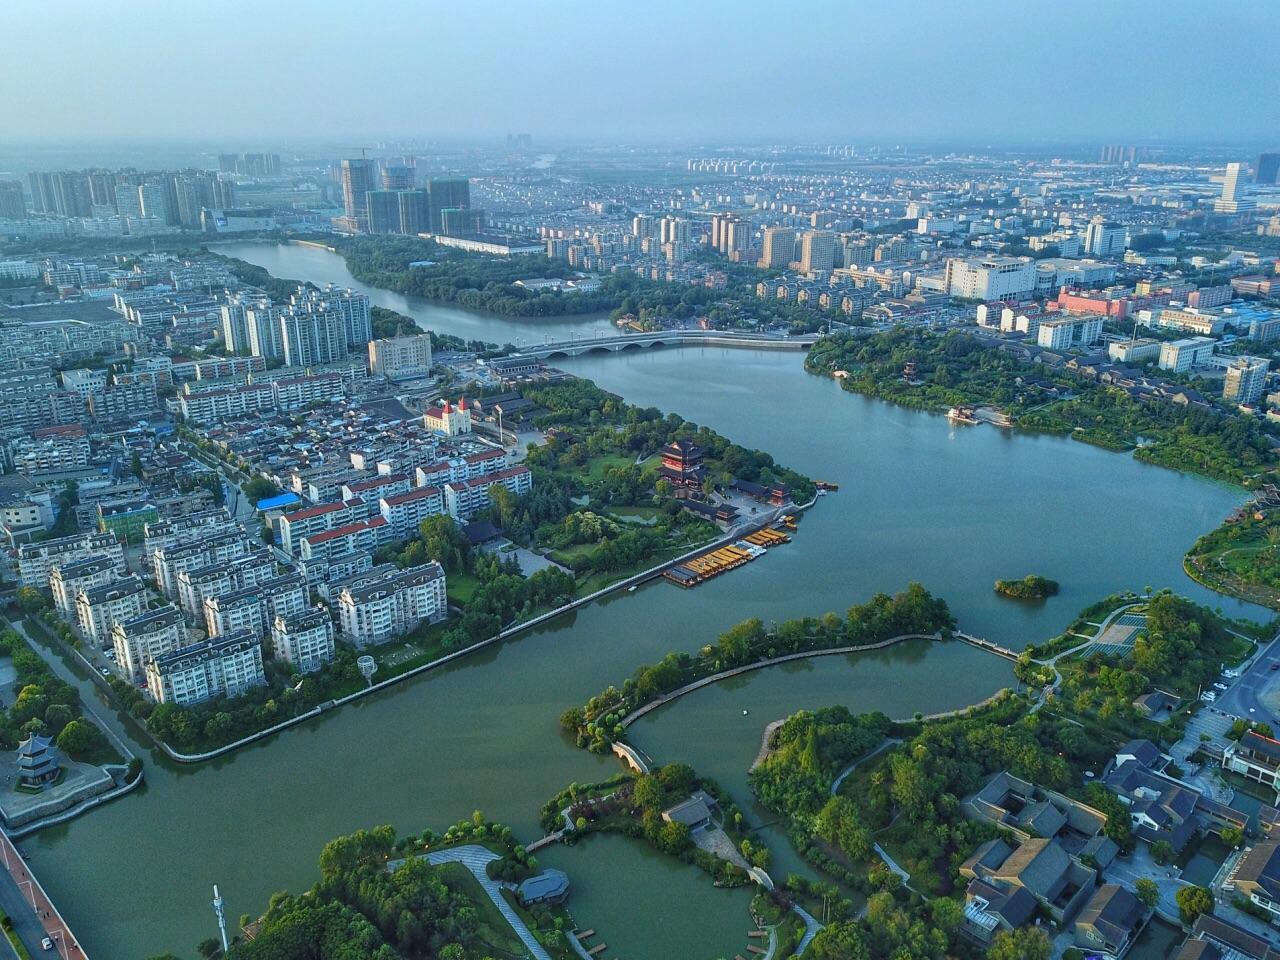 2019凤城河风景区_旅游攻略_门票_地址_游记点评,泰州